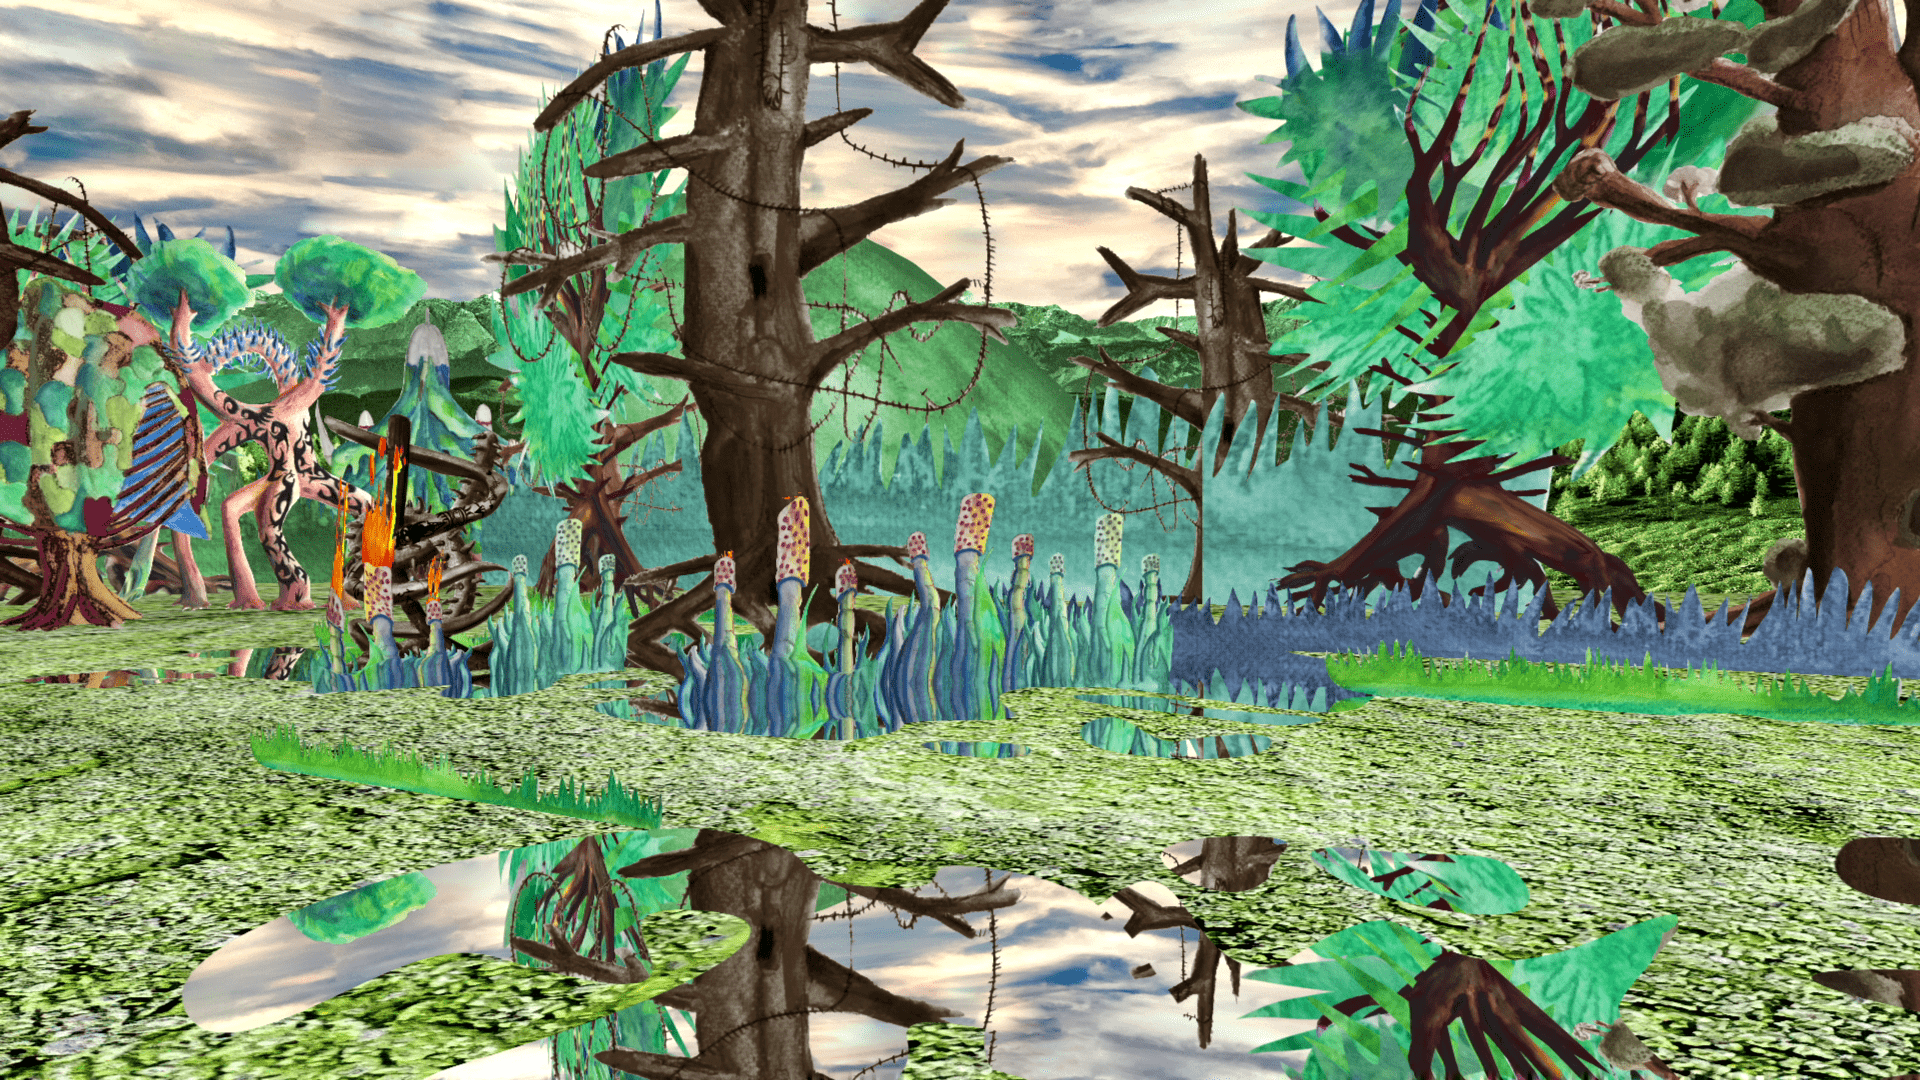 Jérémy Griffaud, Contre-Nature, 2021